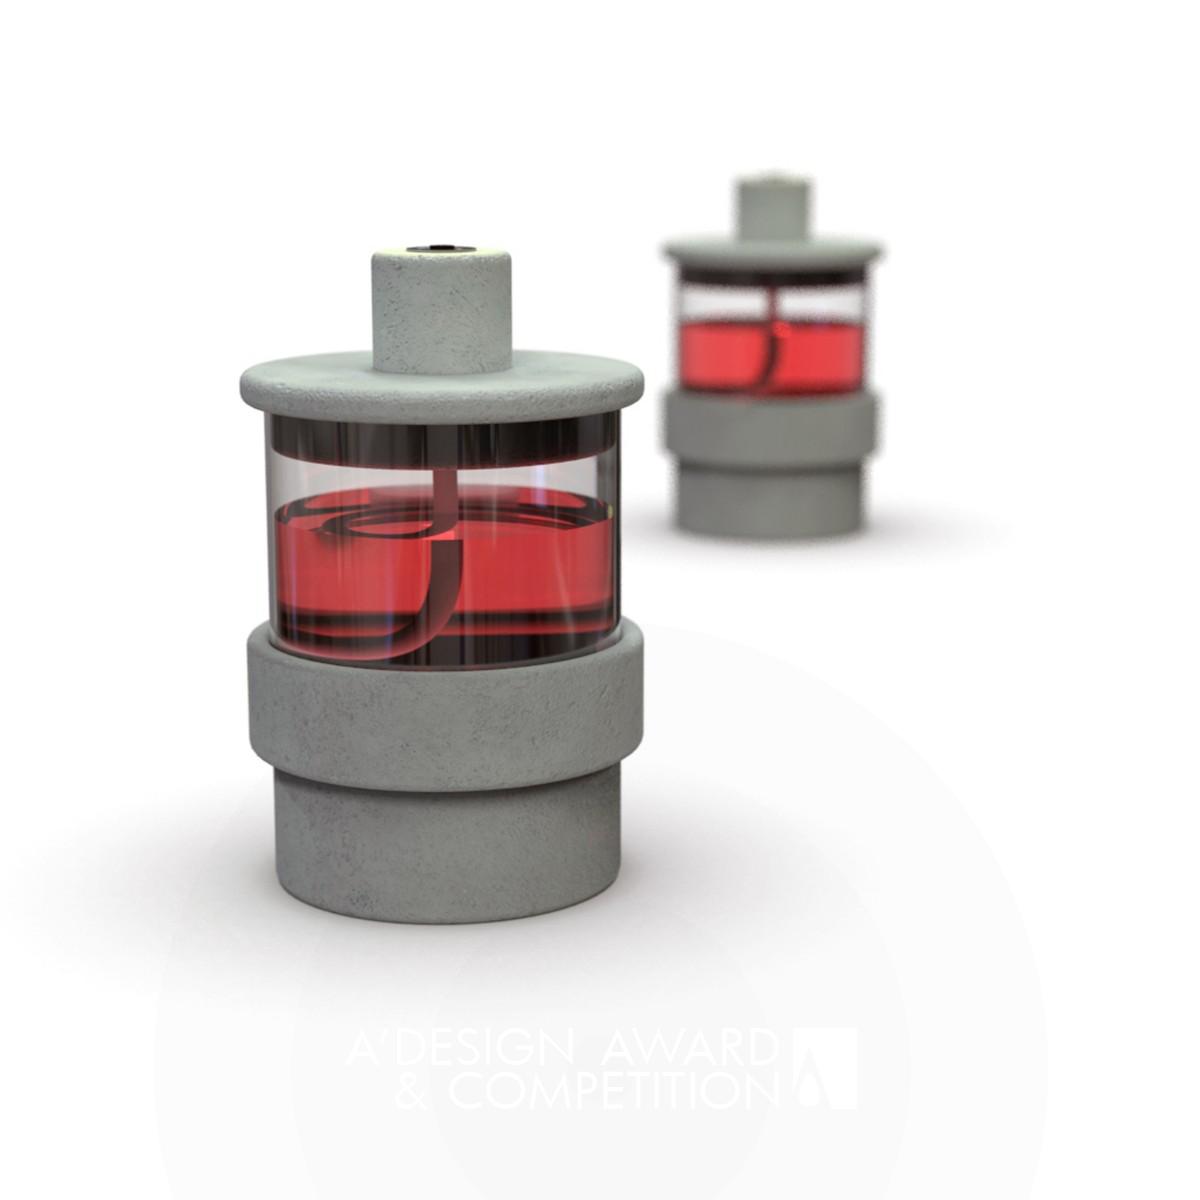 Liquid Fuel Candle